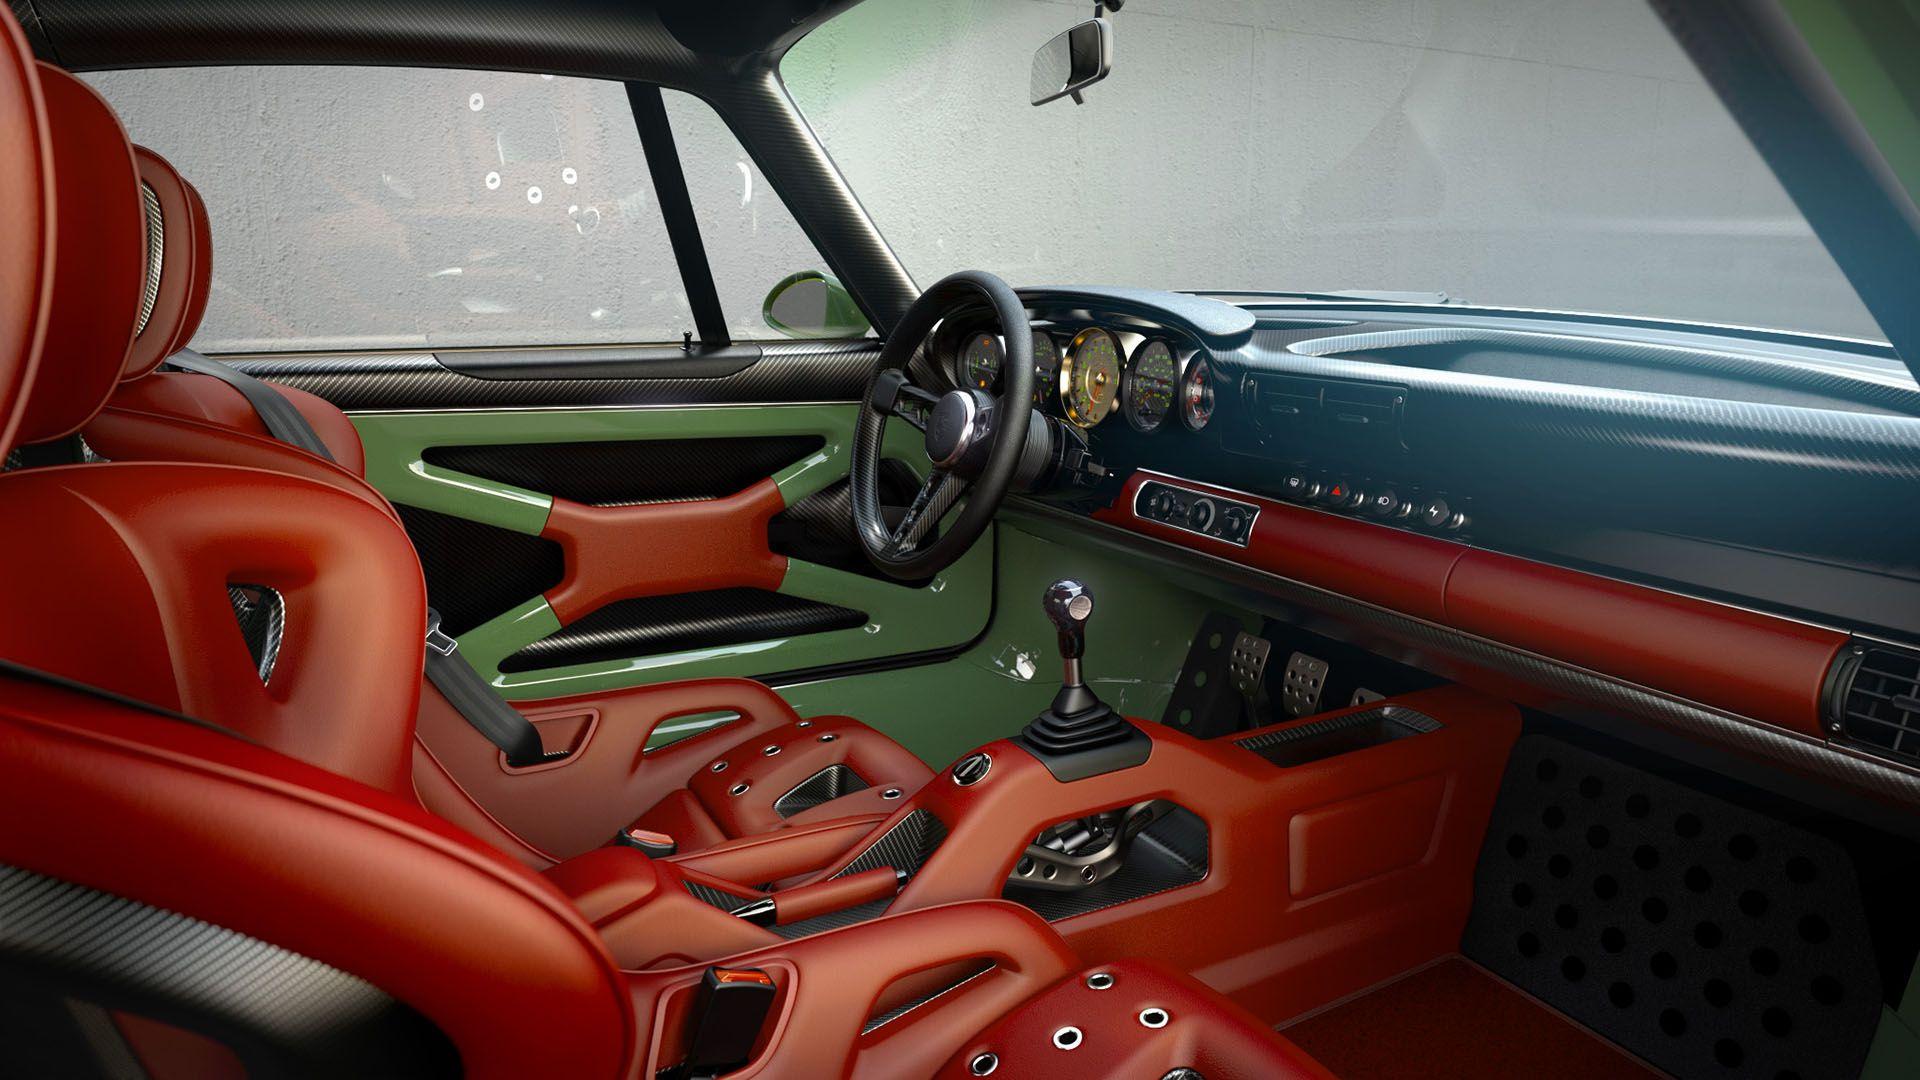 Image: courtesy of Singer Vehicle Design